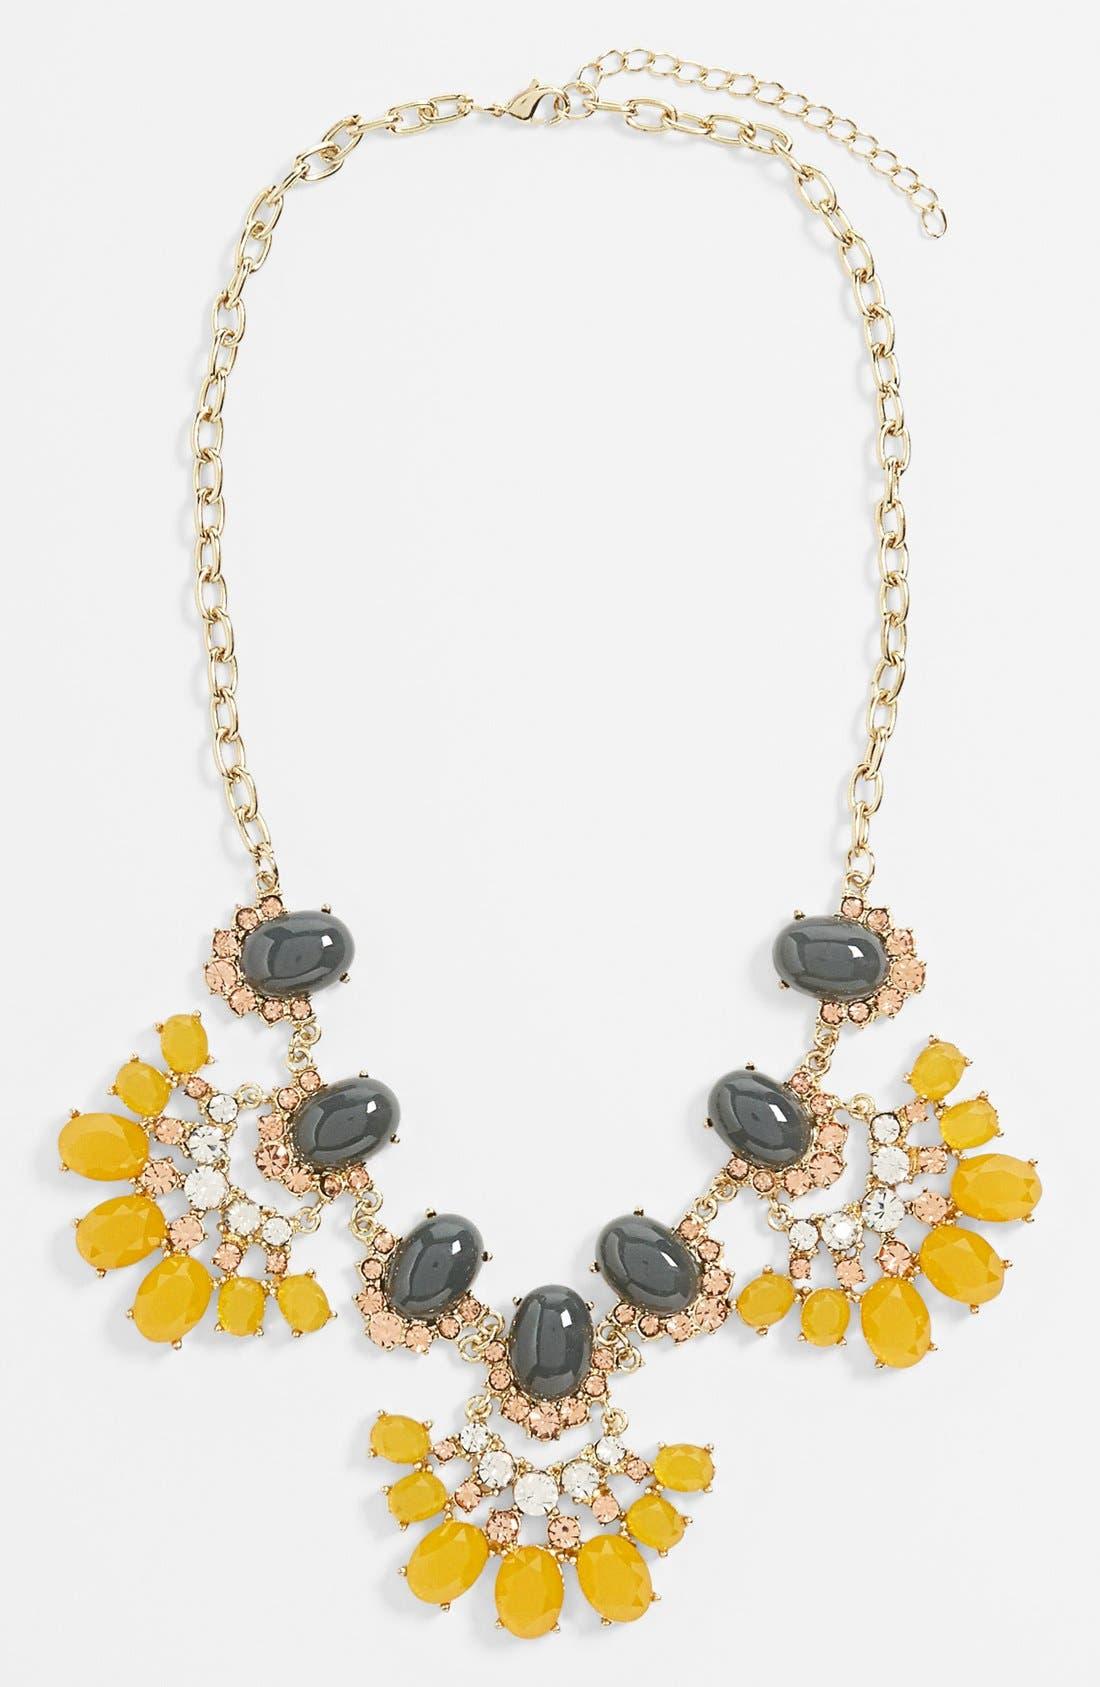 Alternate Image 1 Selected - Tildon 'Vintage Floral' Statement Necklace